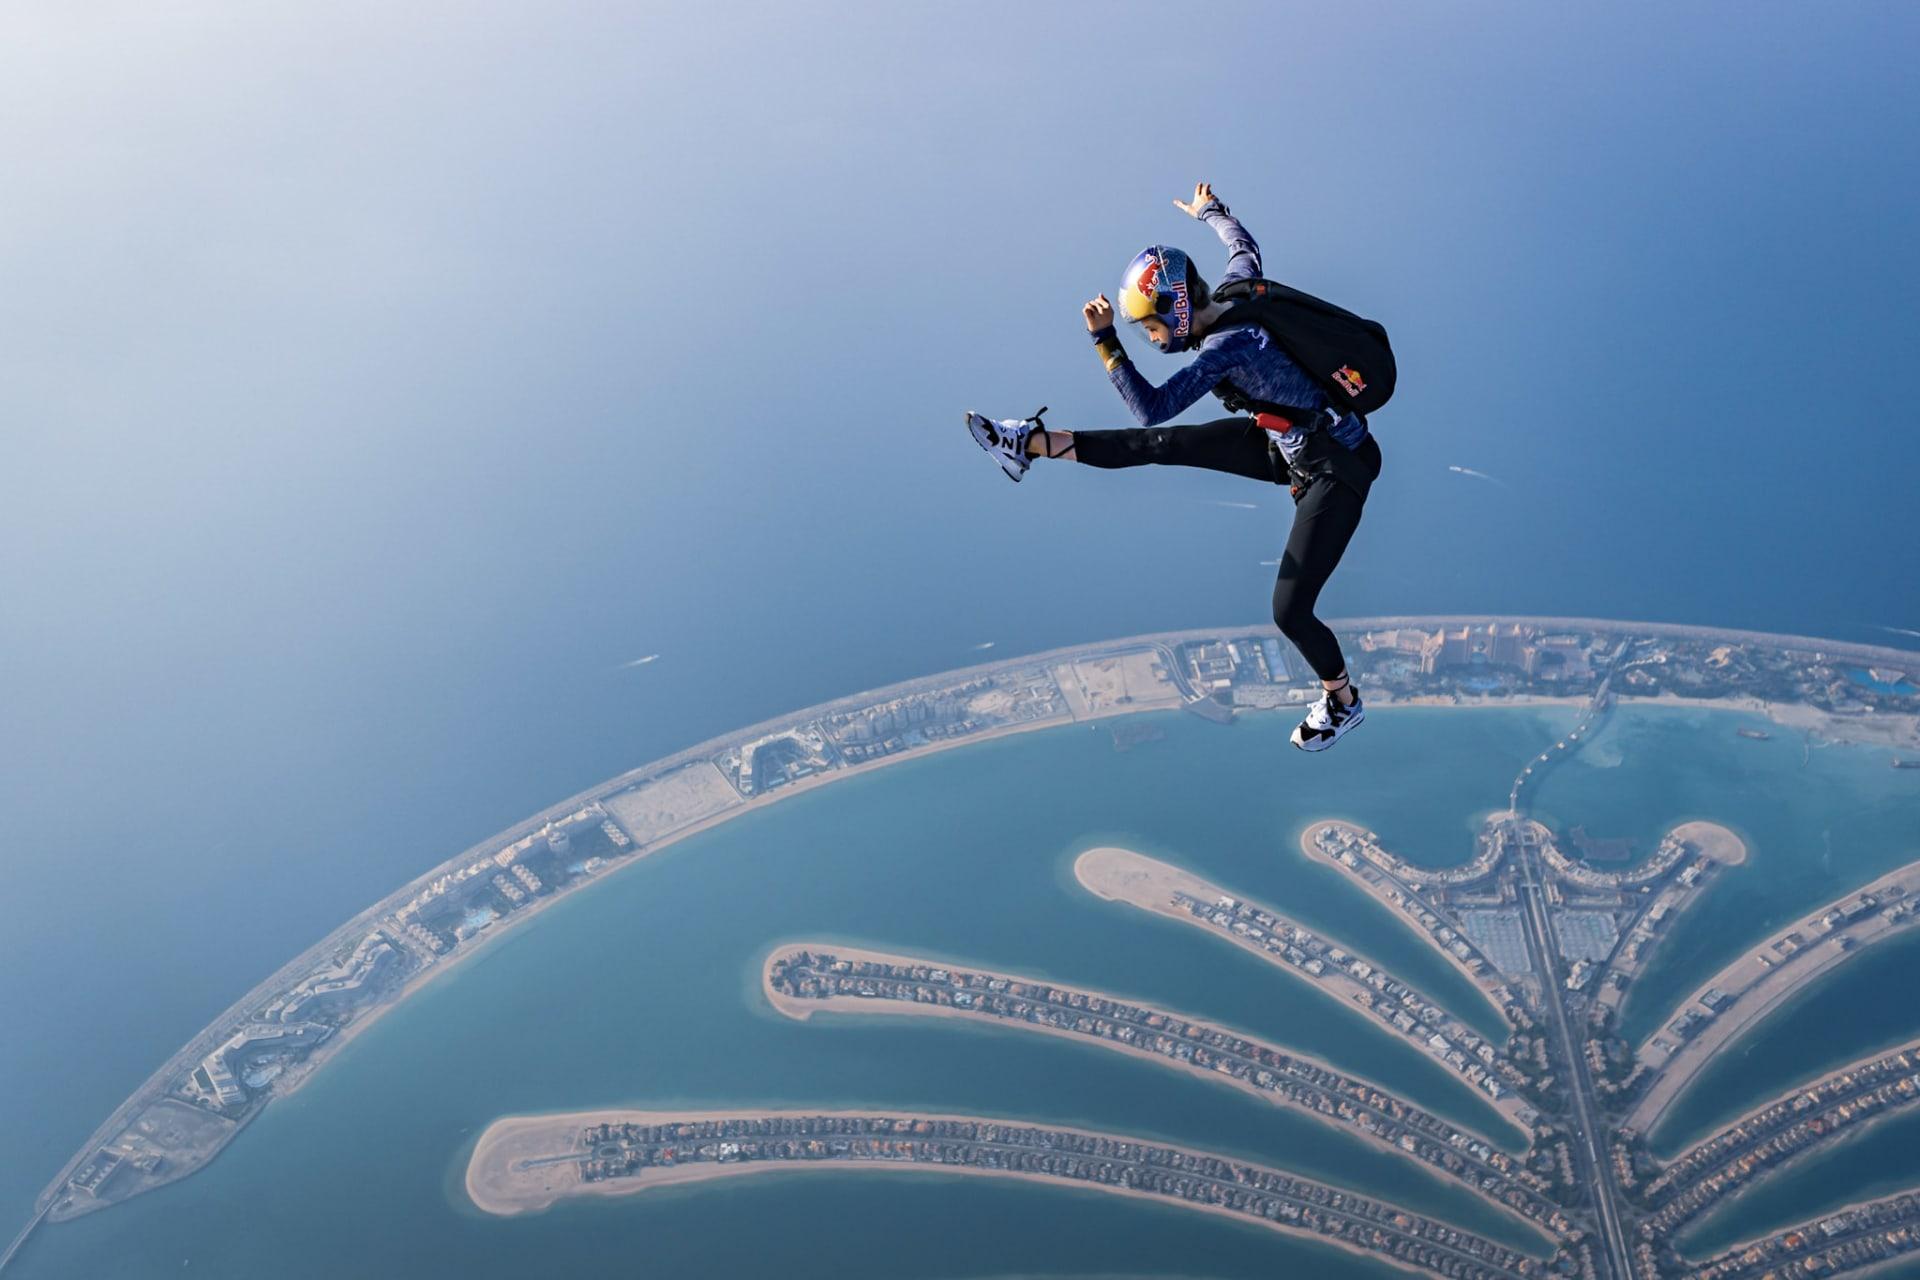 من ارتفاع 14000 قدم فوق نخلة جميرا بدبي..رياضية بولندية تستعرض حركات مثيرة خلال تجربة القفز المظلي الحر